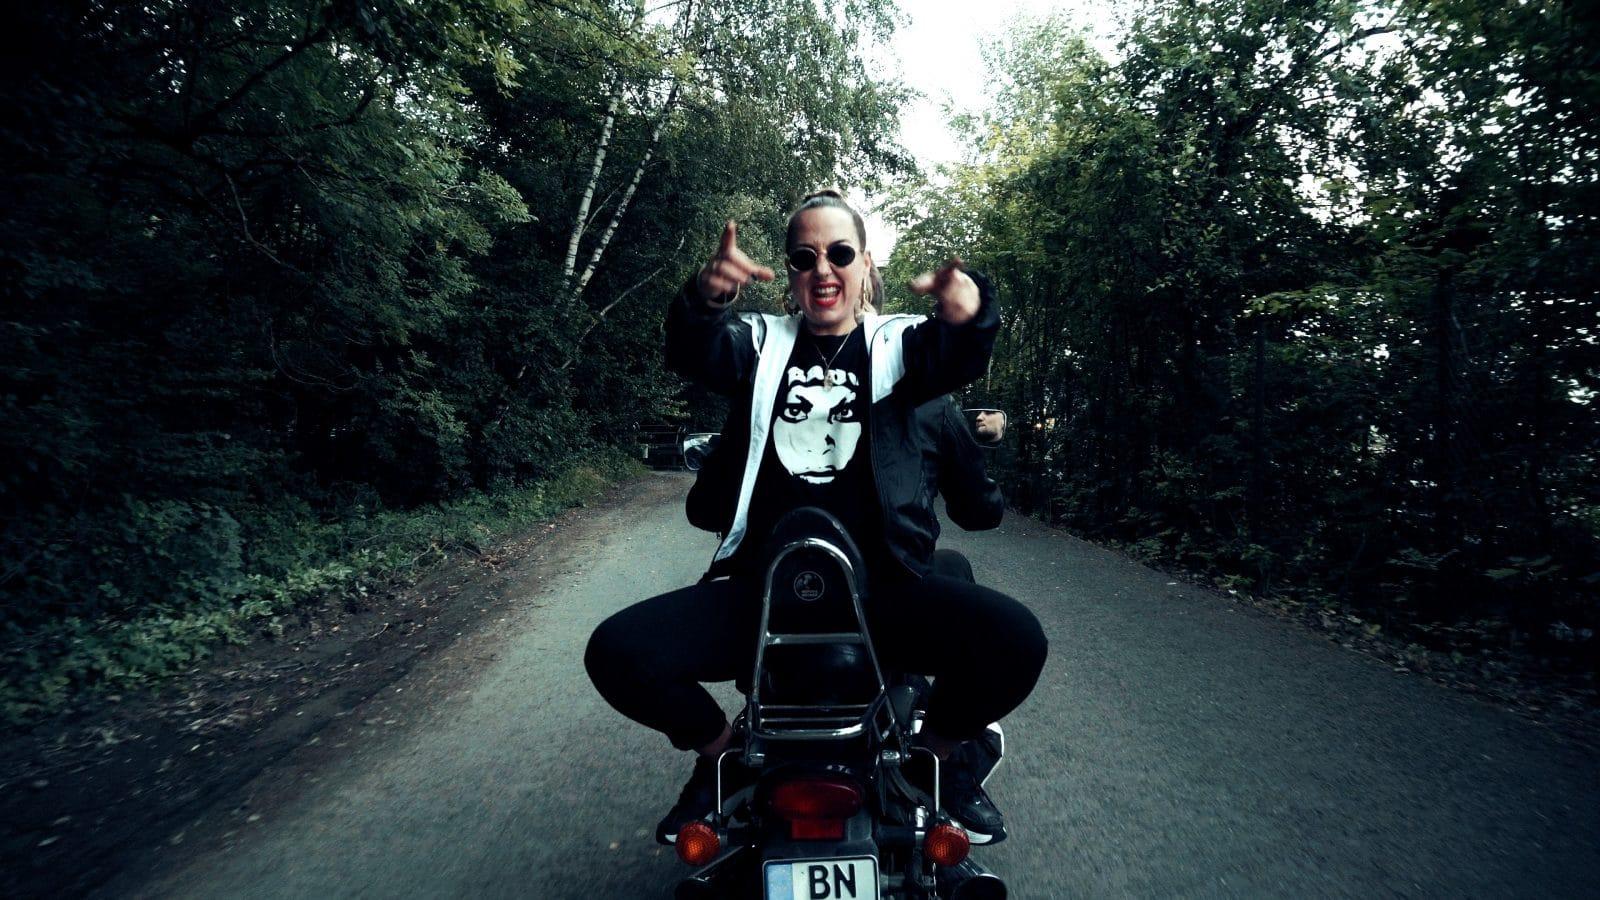 Lou Lettow auf dem Motorrad vom Videodreh jaja in Siegen